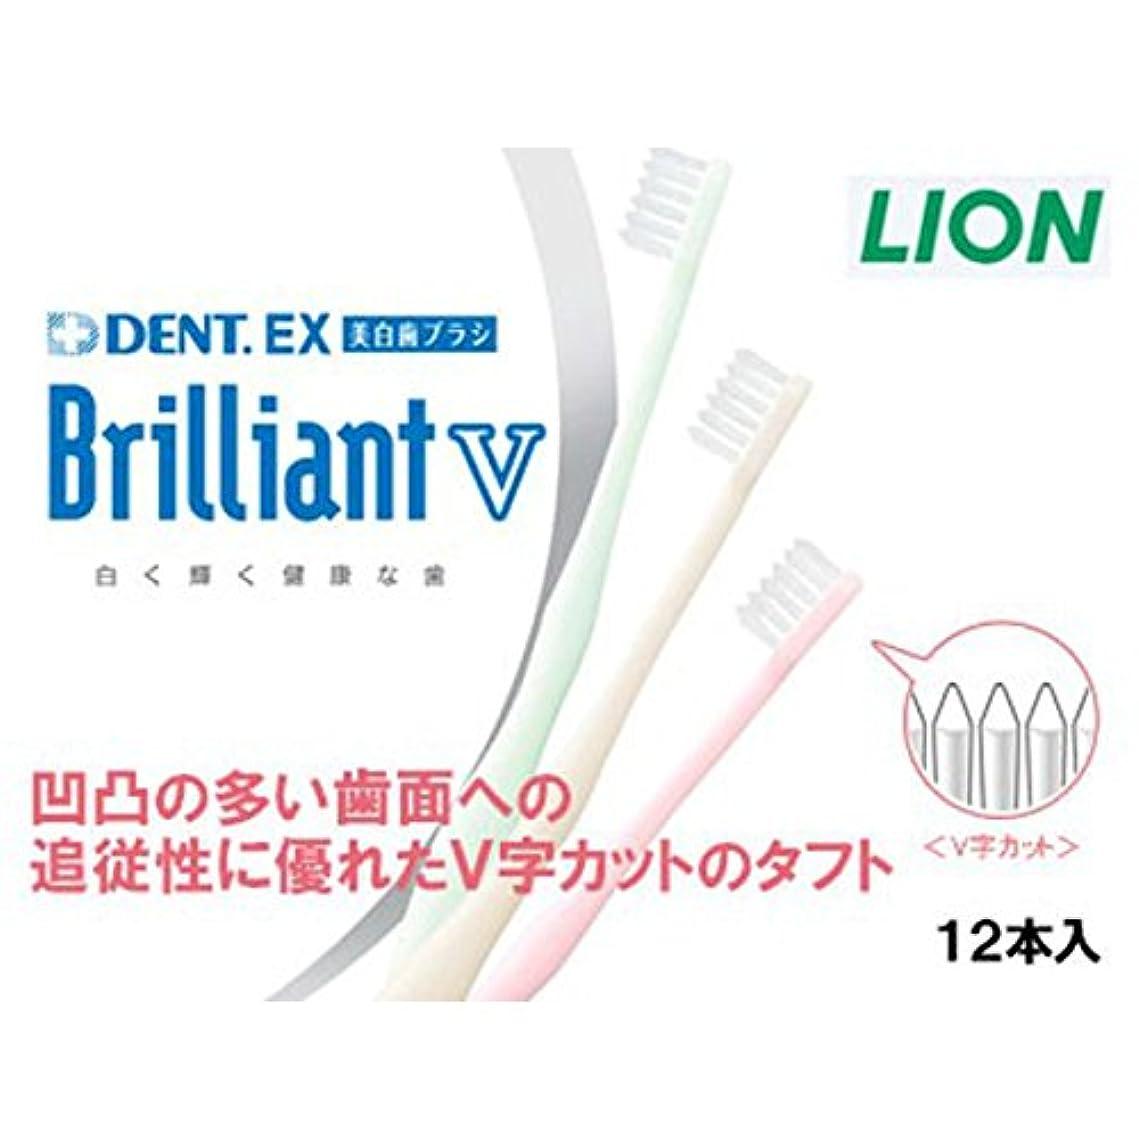 絵レンダリング移行するライオン ブリリアントV 歯ブラシ DENT.EX BrilliantV 12本